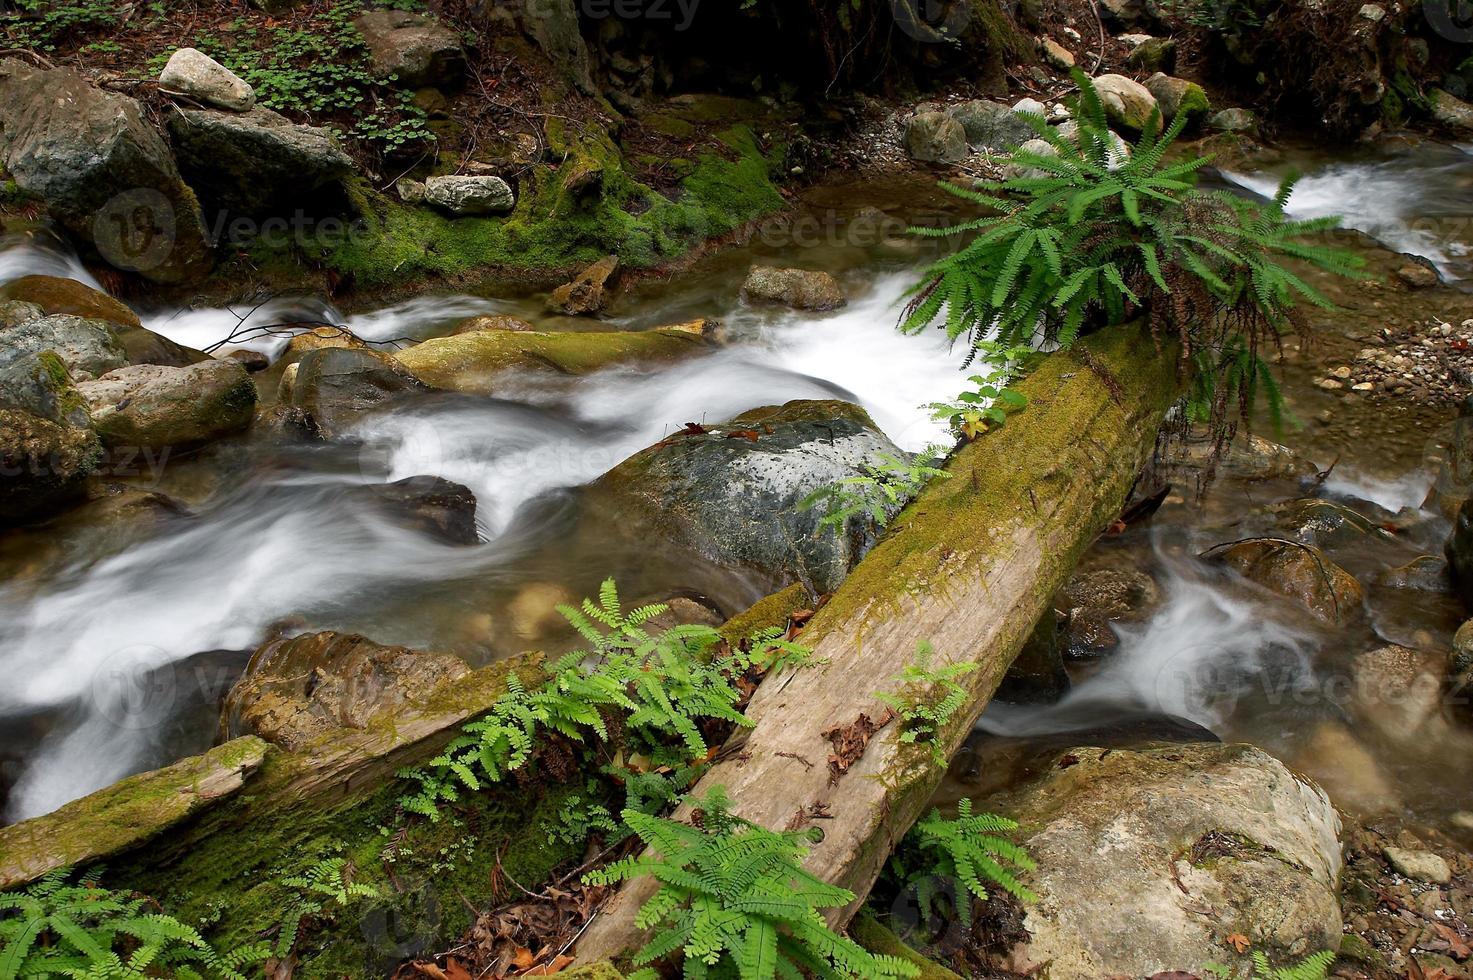 ruisseau de montagne qui traverse la forêt. photo